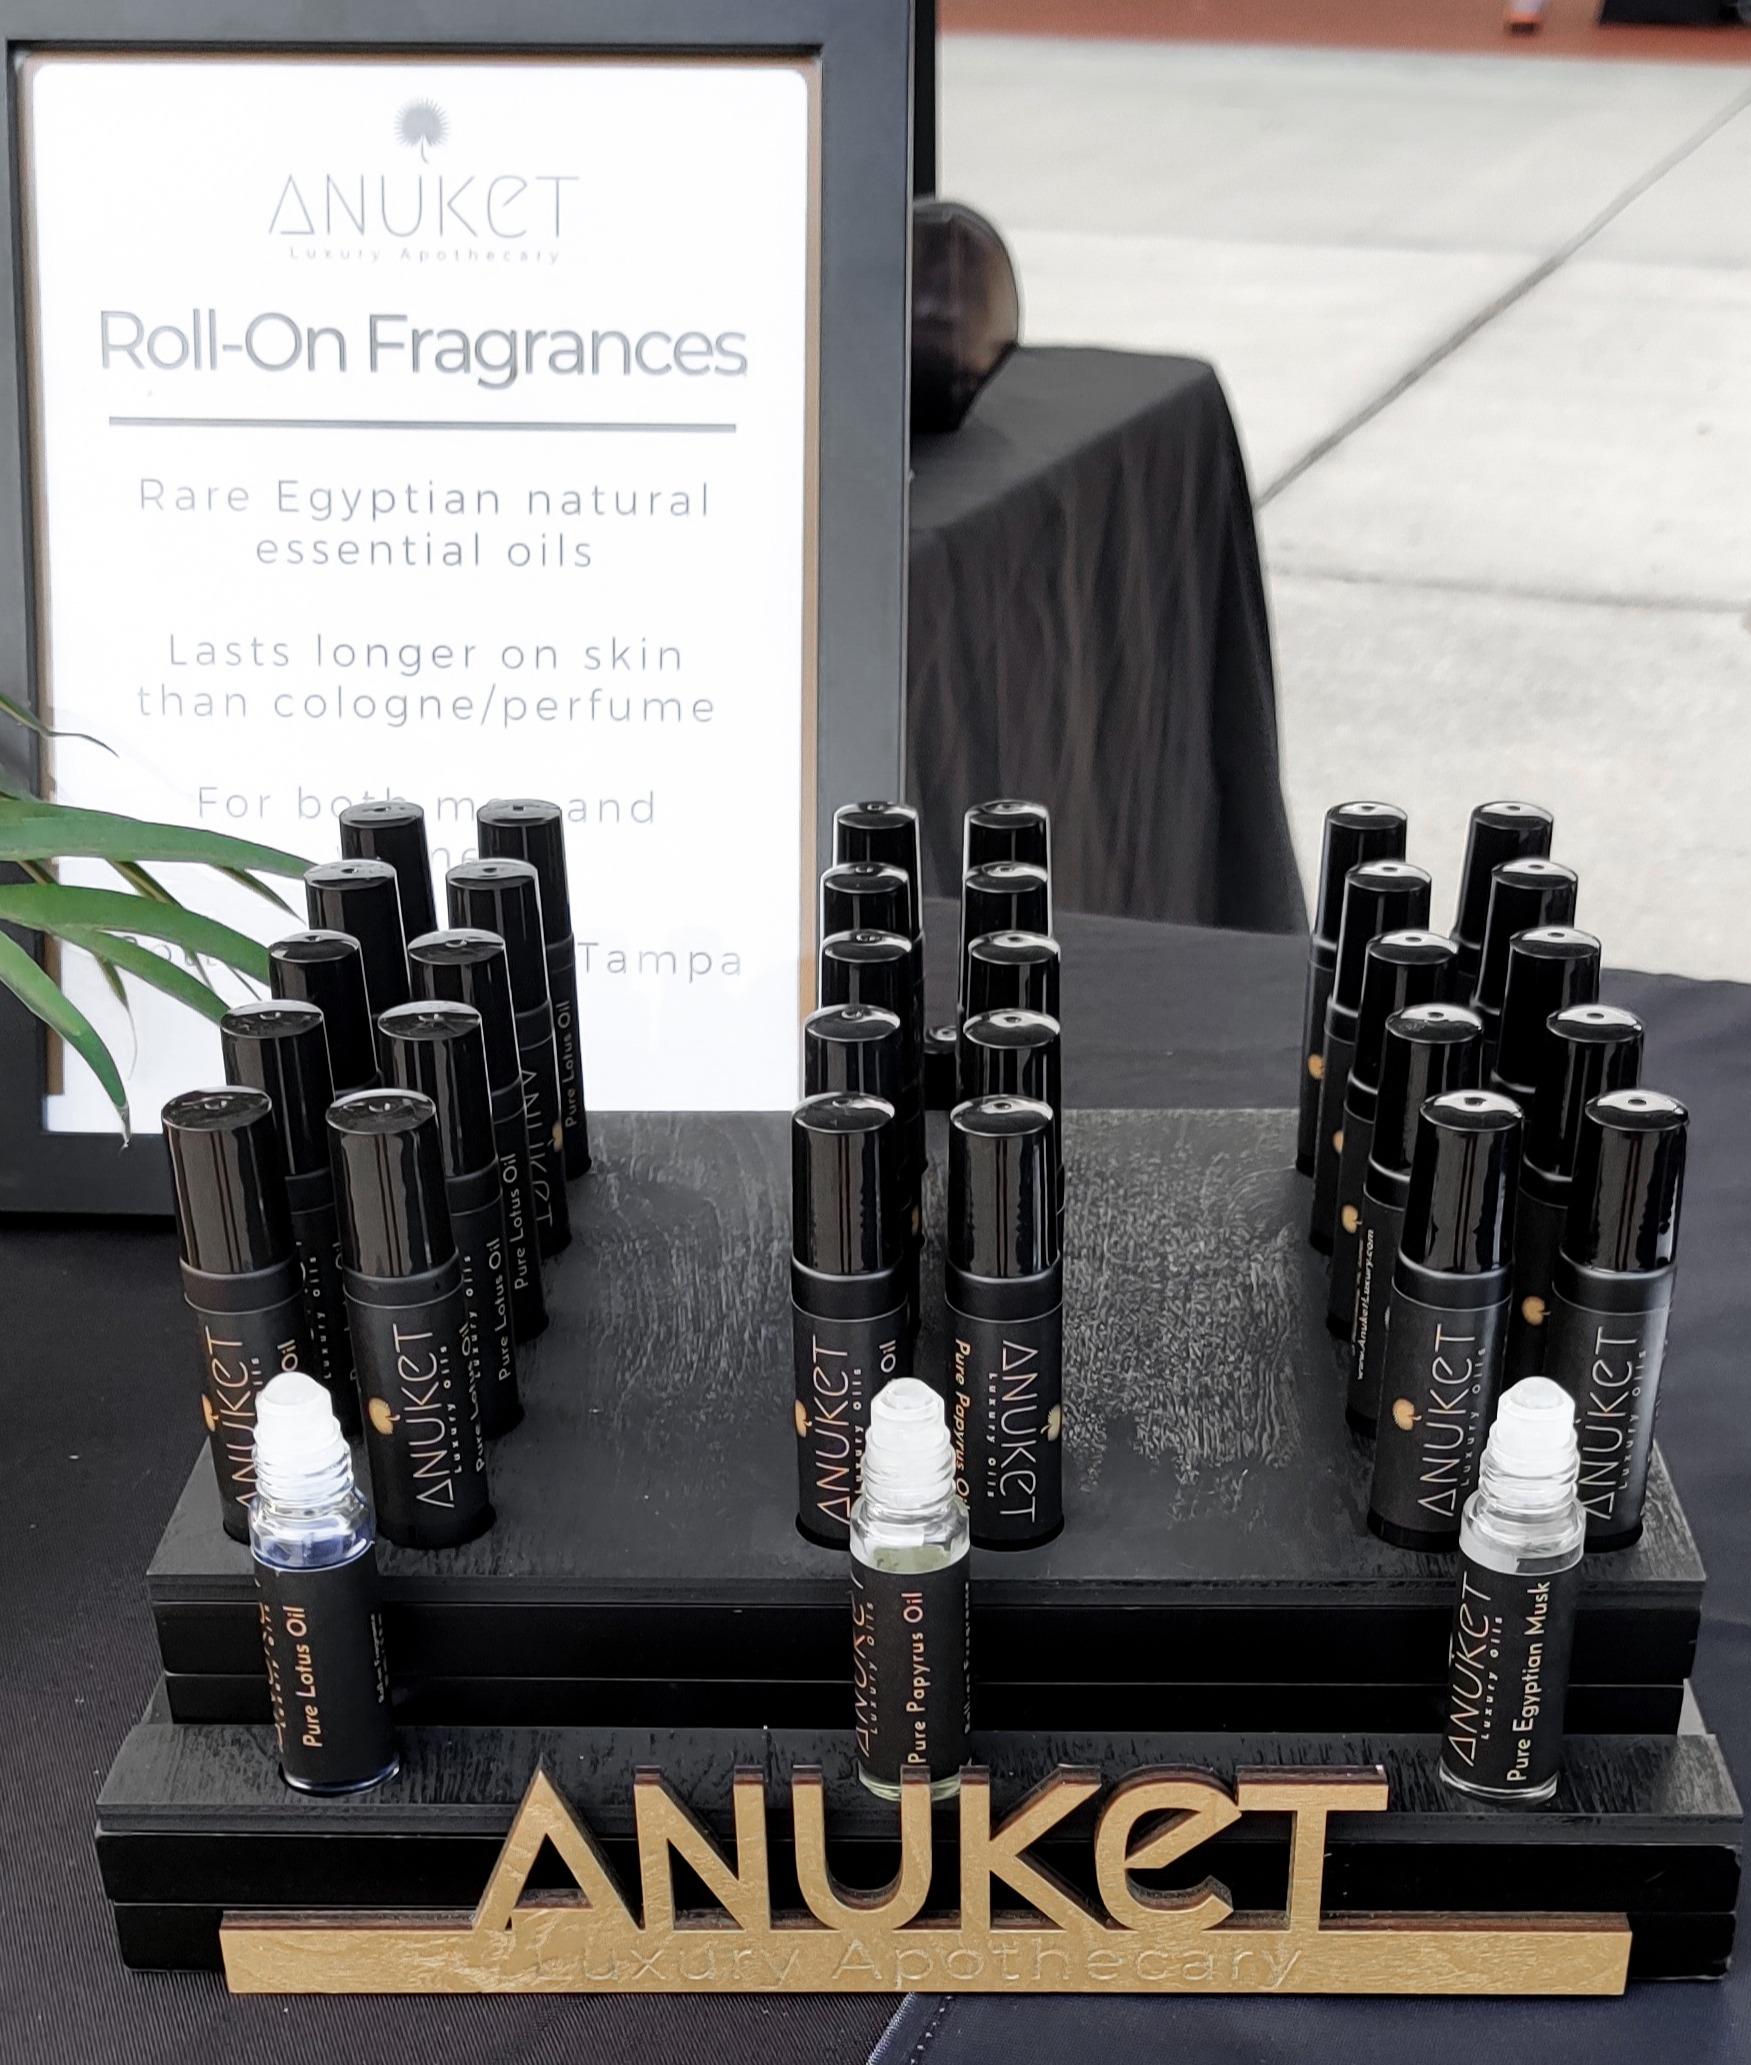 Link to Shop Anuket Luxury Apothecary Fragrances